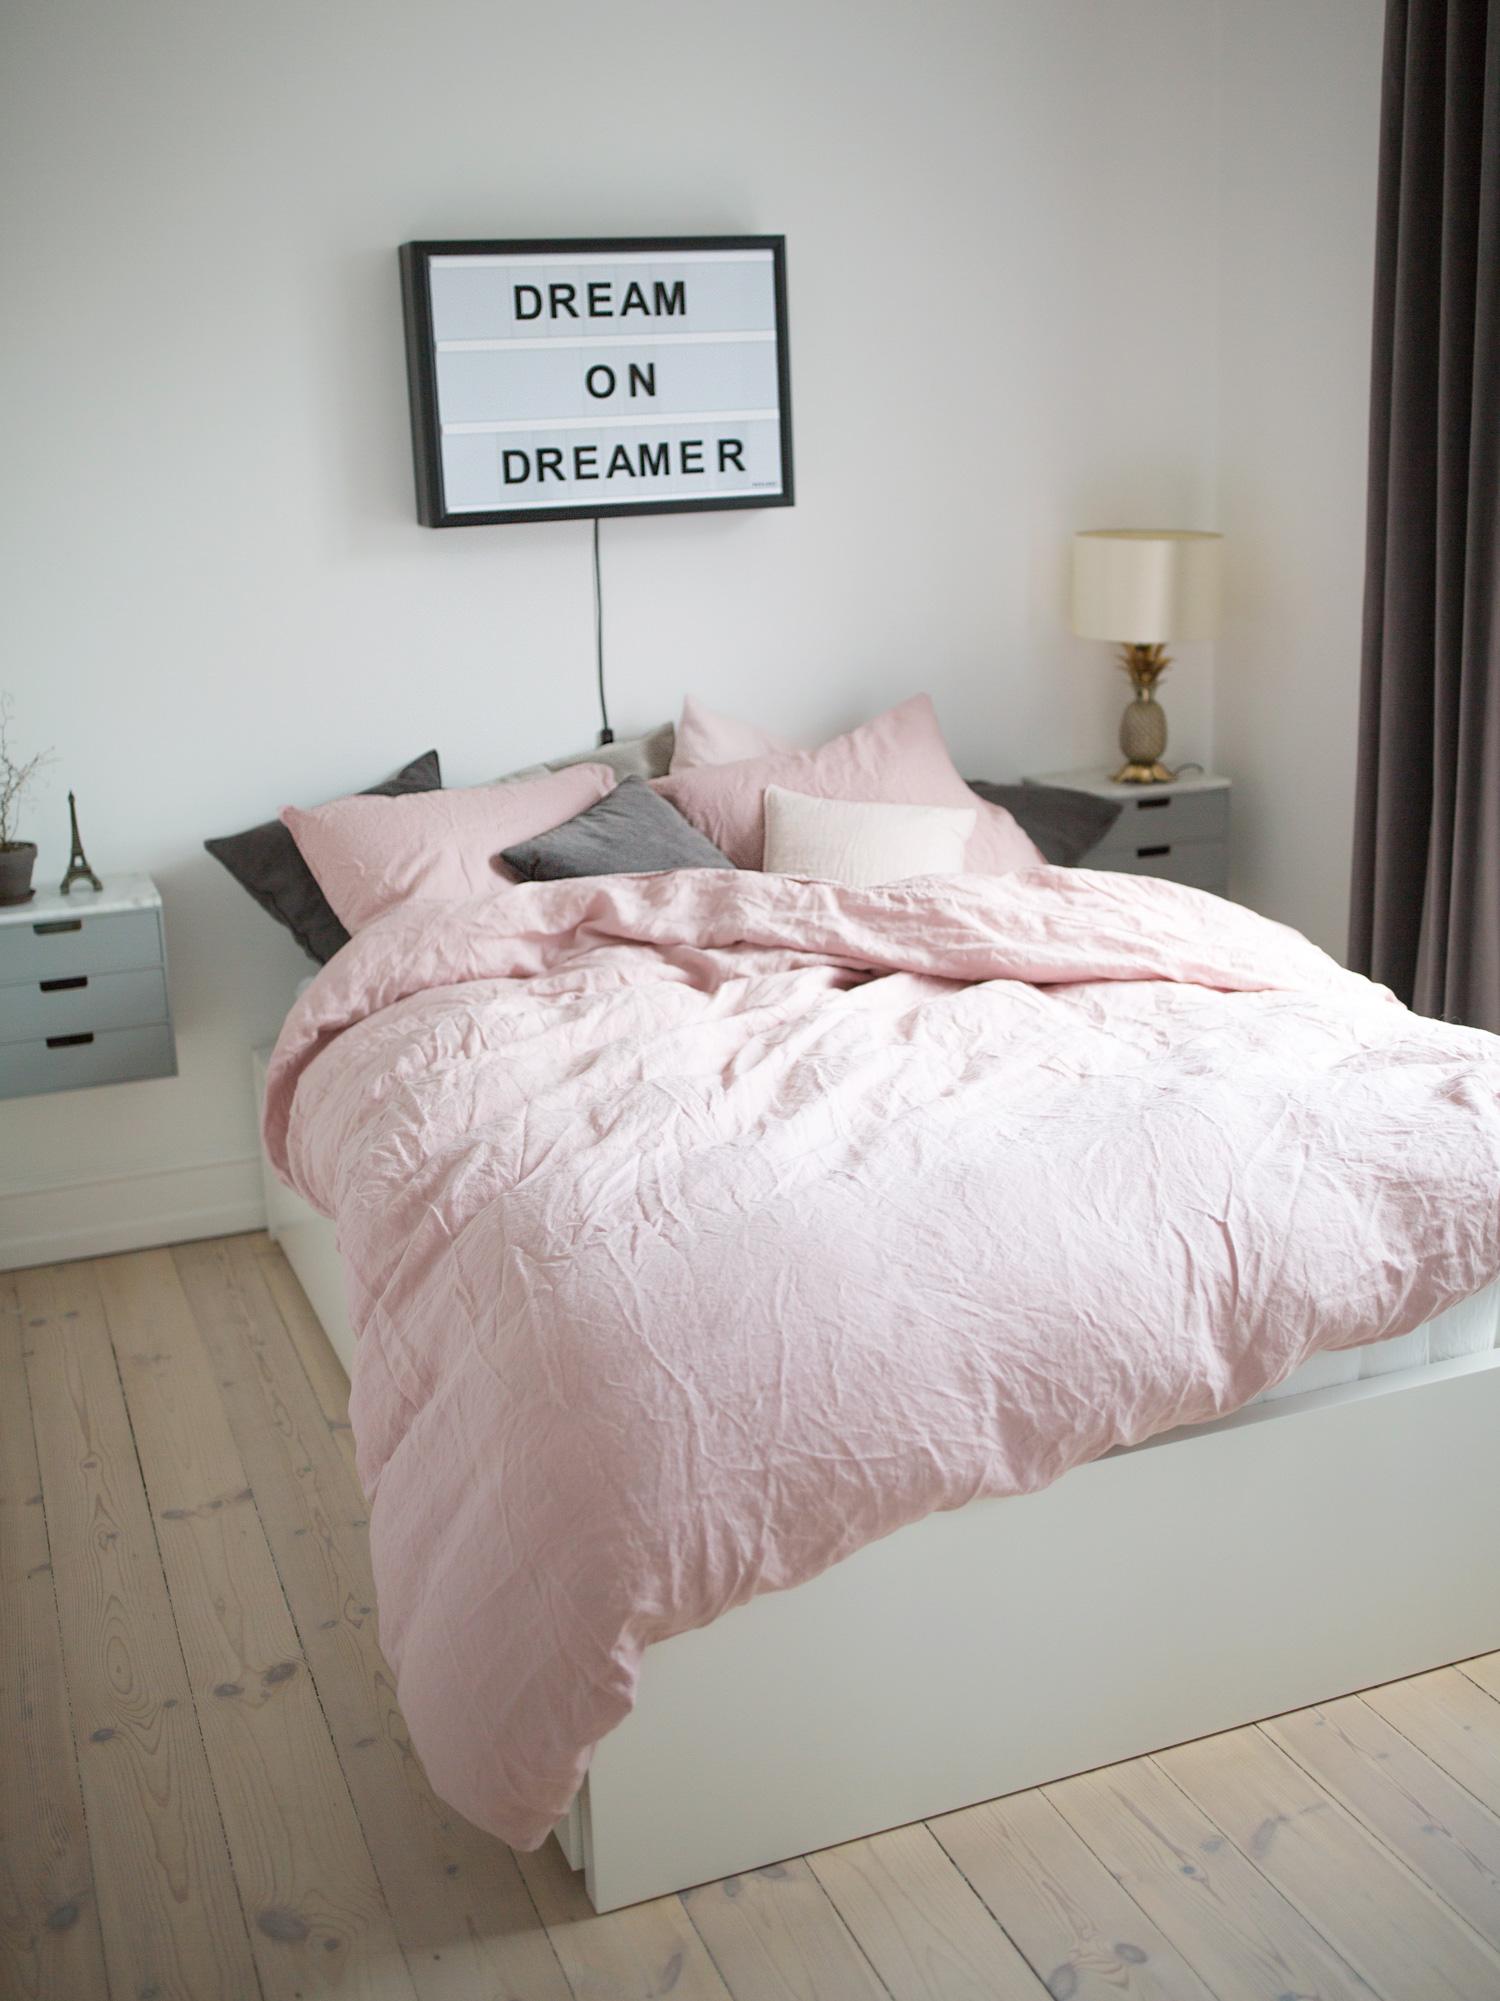 sengetøj hm Pink bed linen   Christina Dueholm sengetøj hm